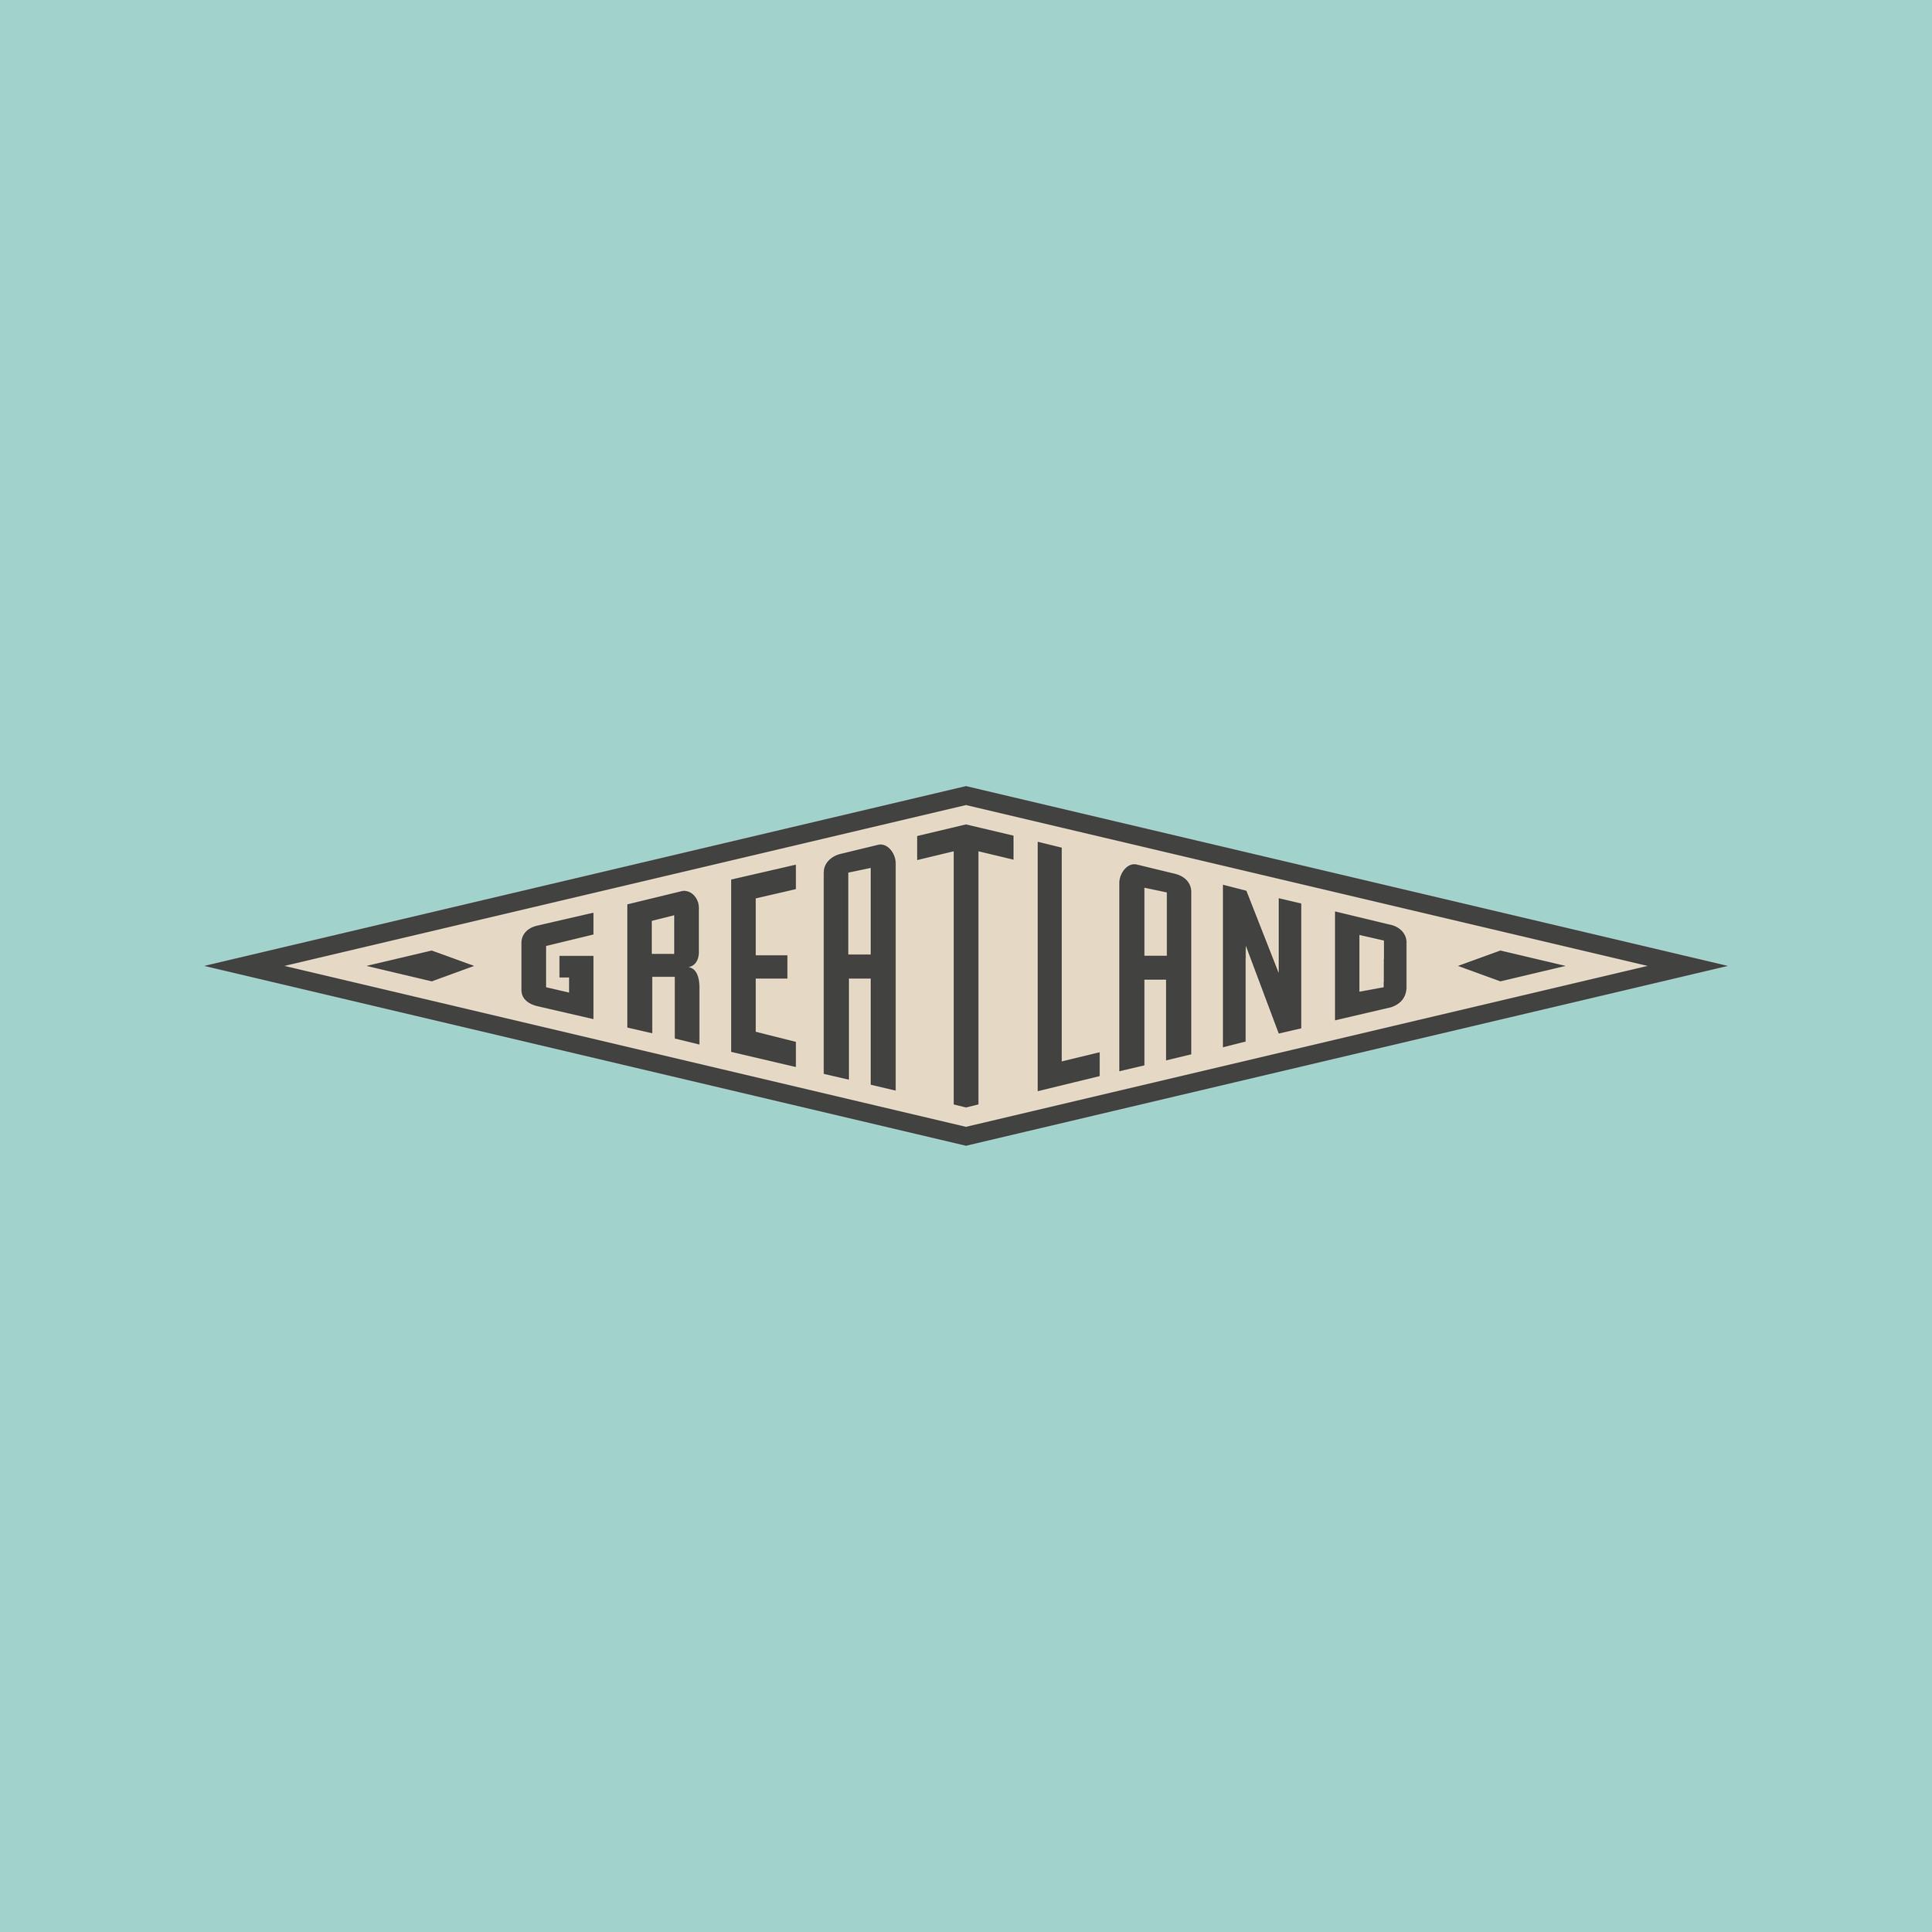 Logos_First40-11.png